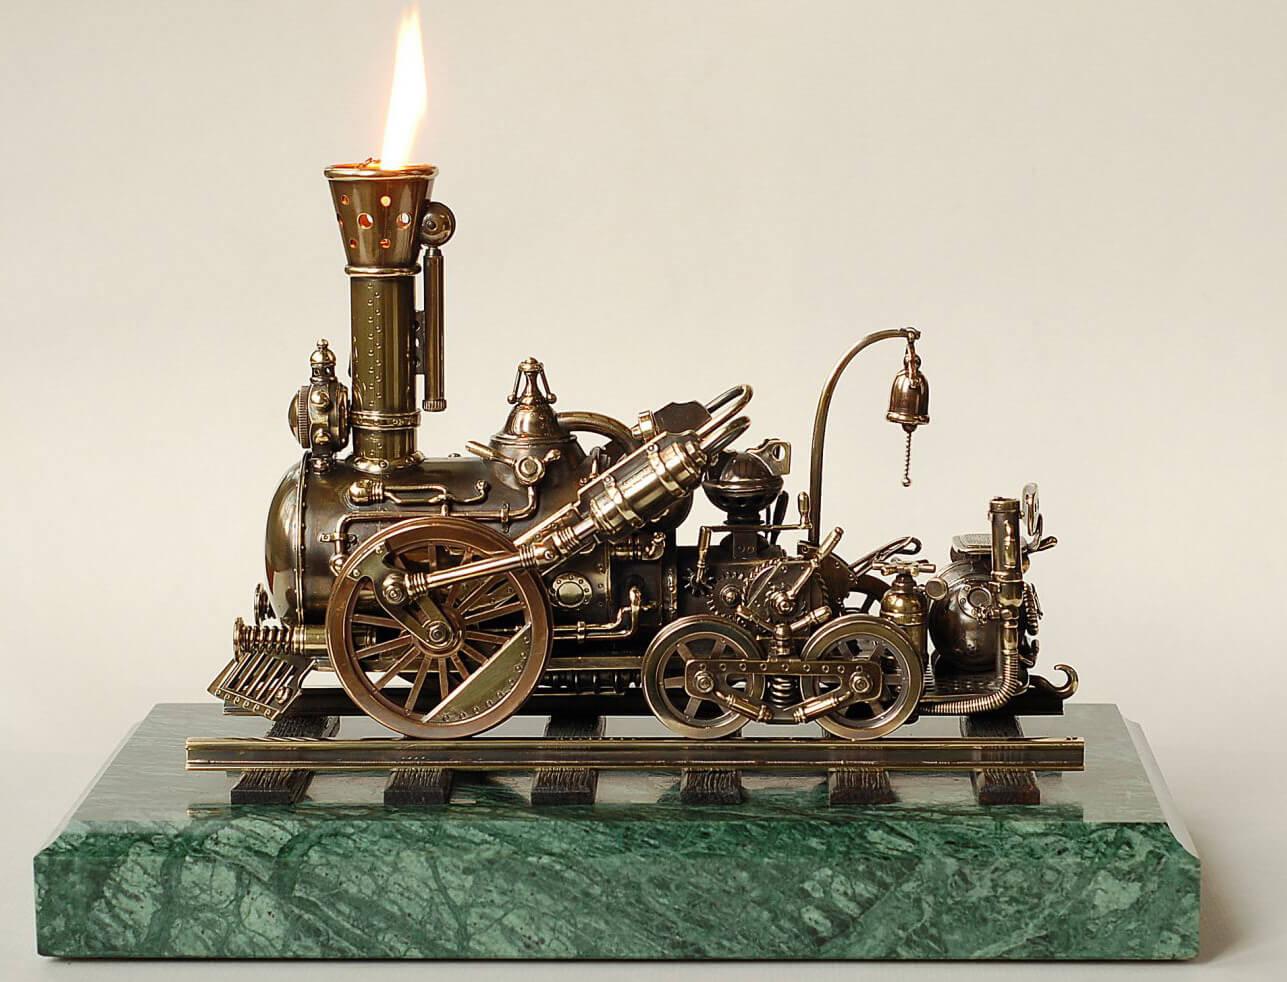 Настольная зажигалка - украшение интерьера рабочего кабинета